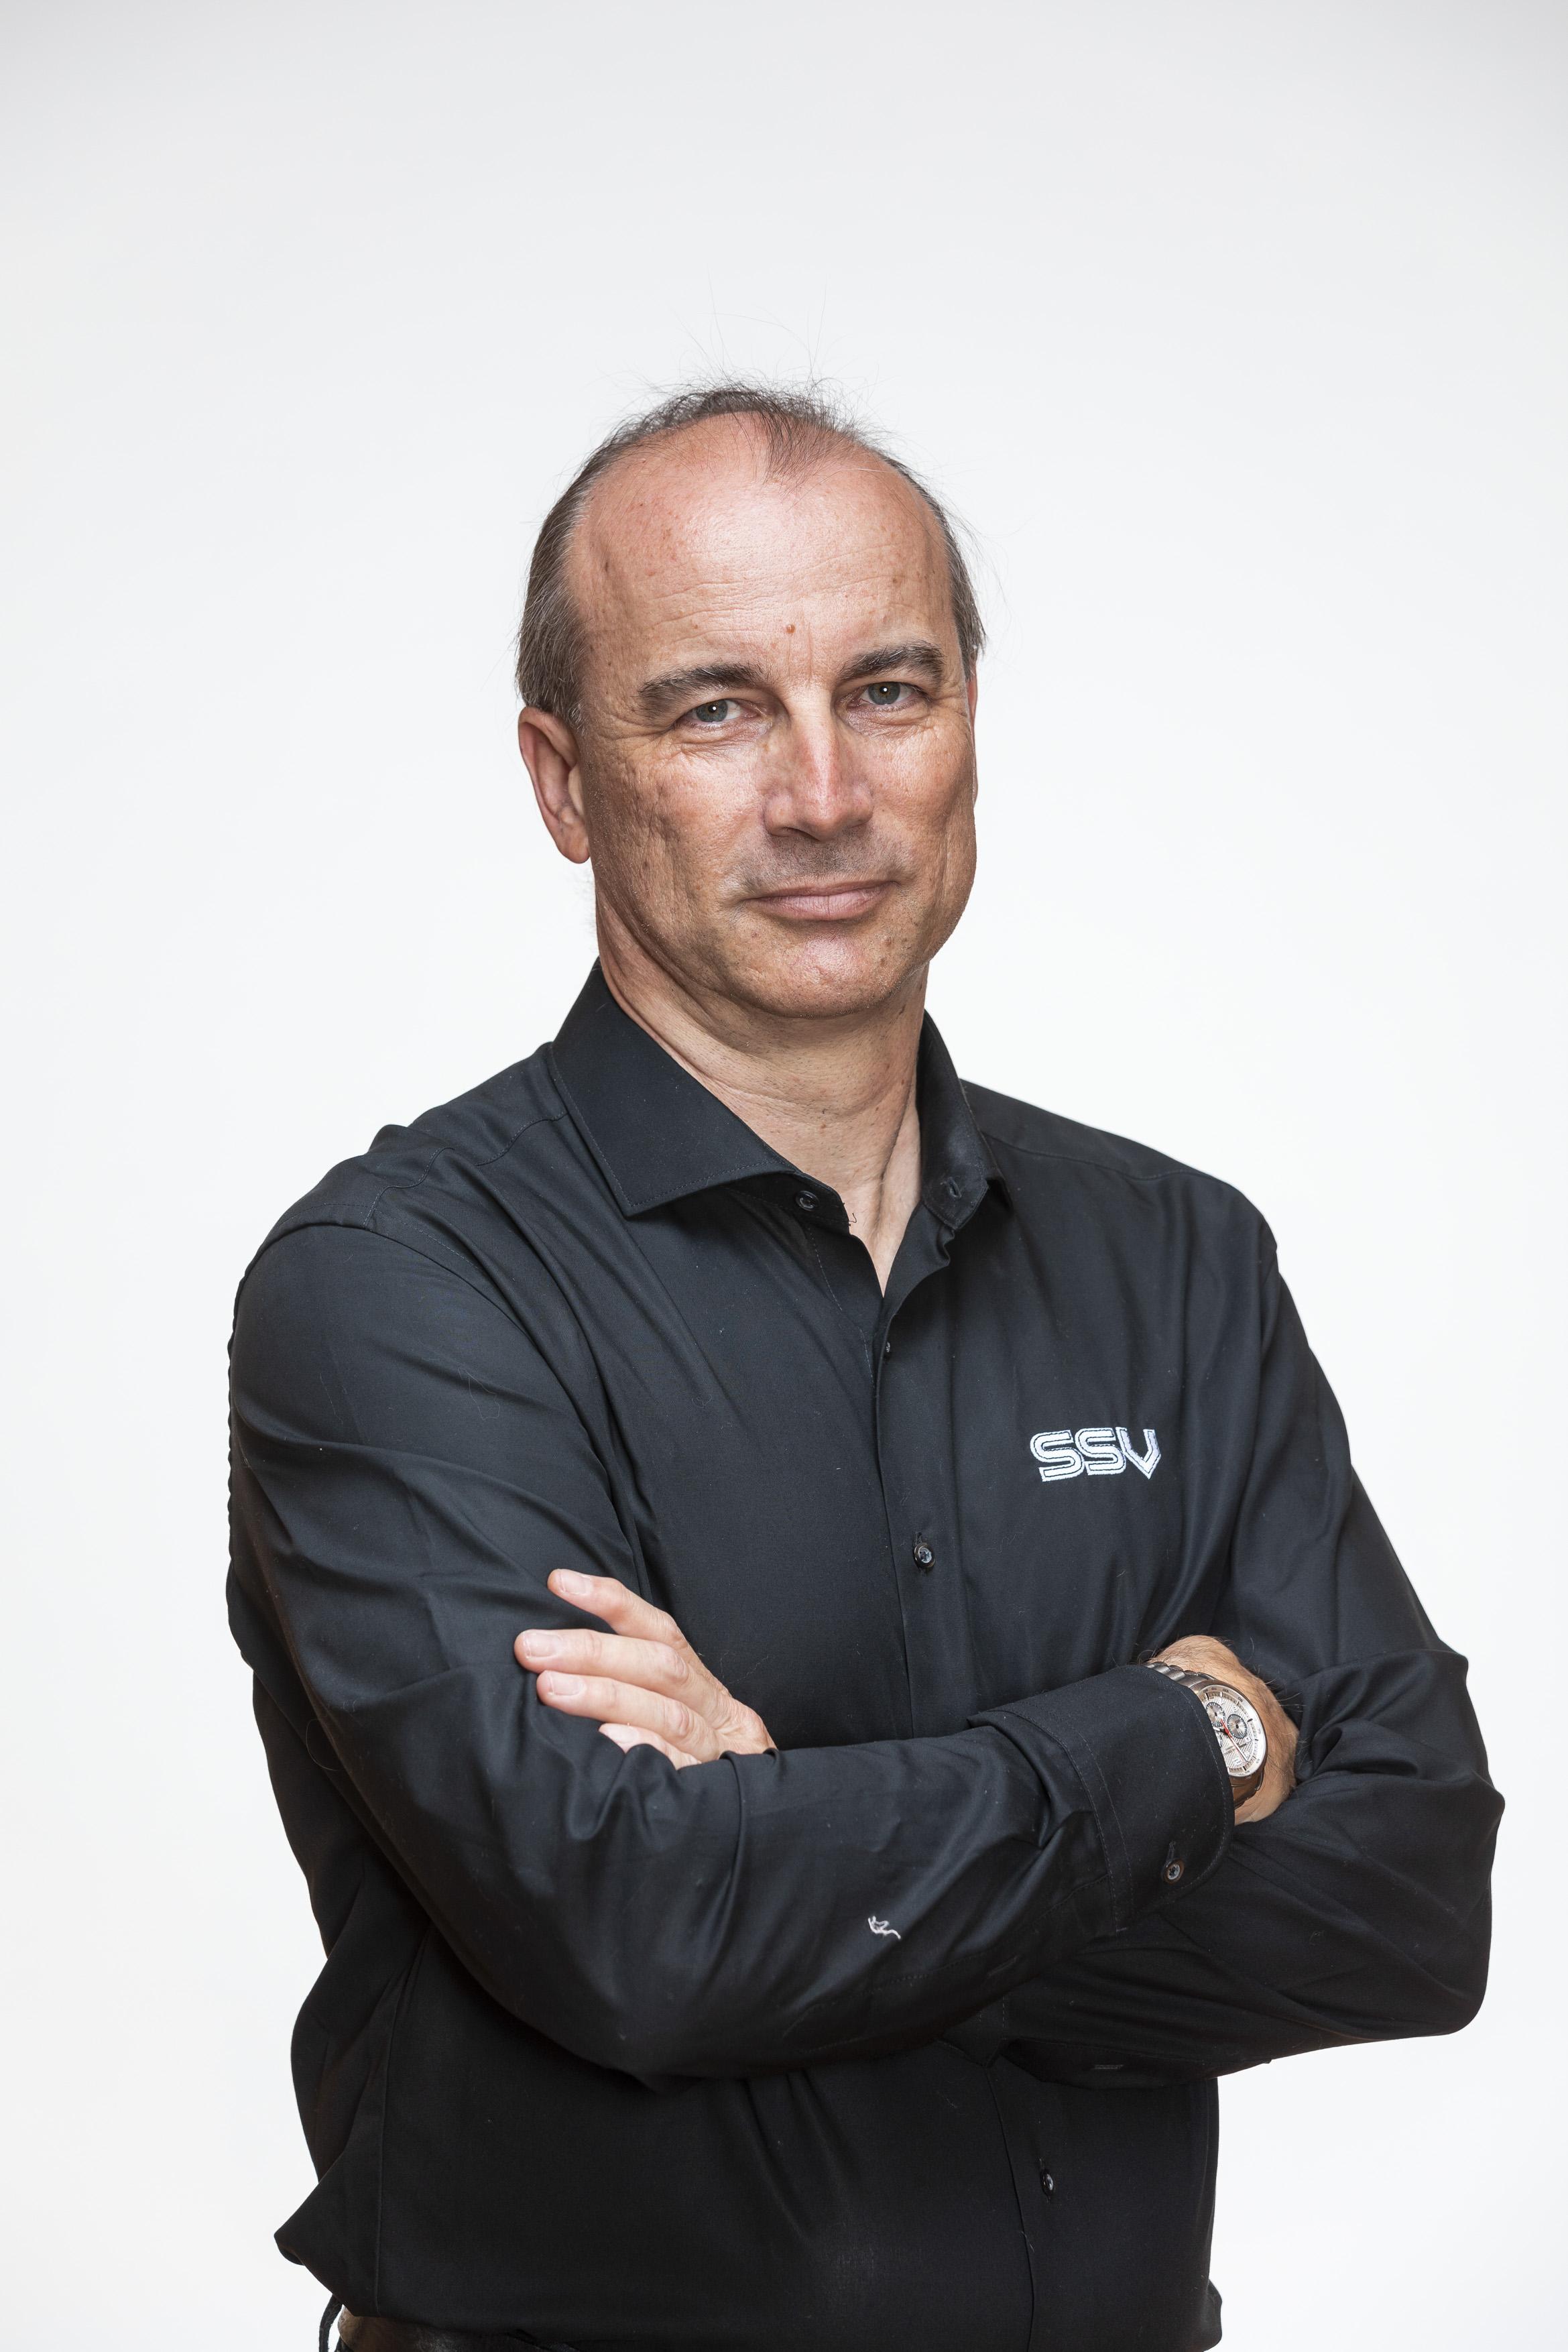 Christoph Scheiderbauer